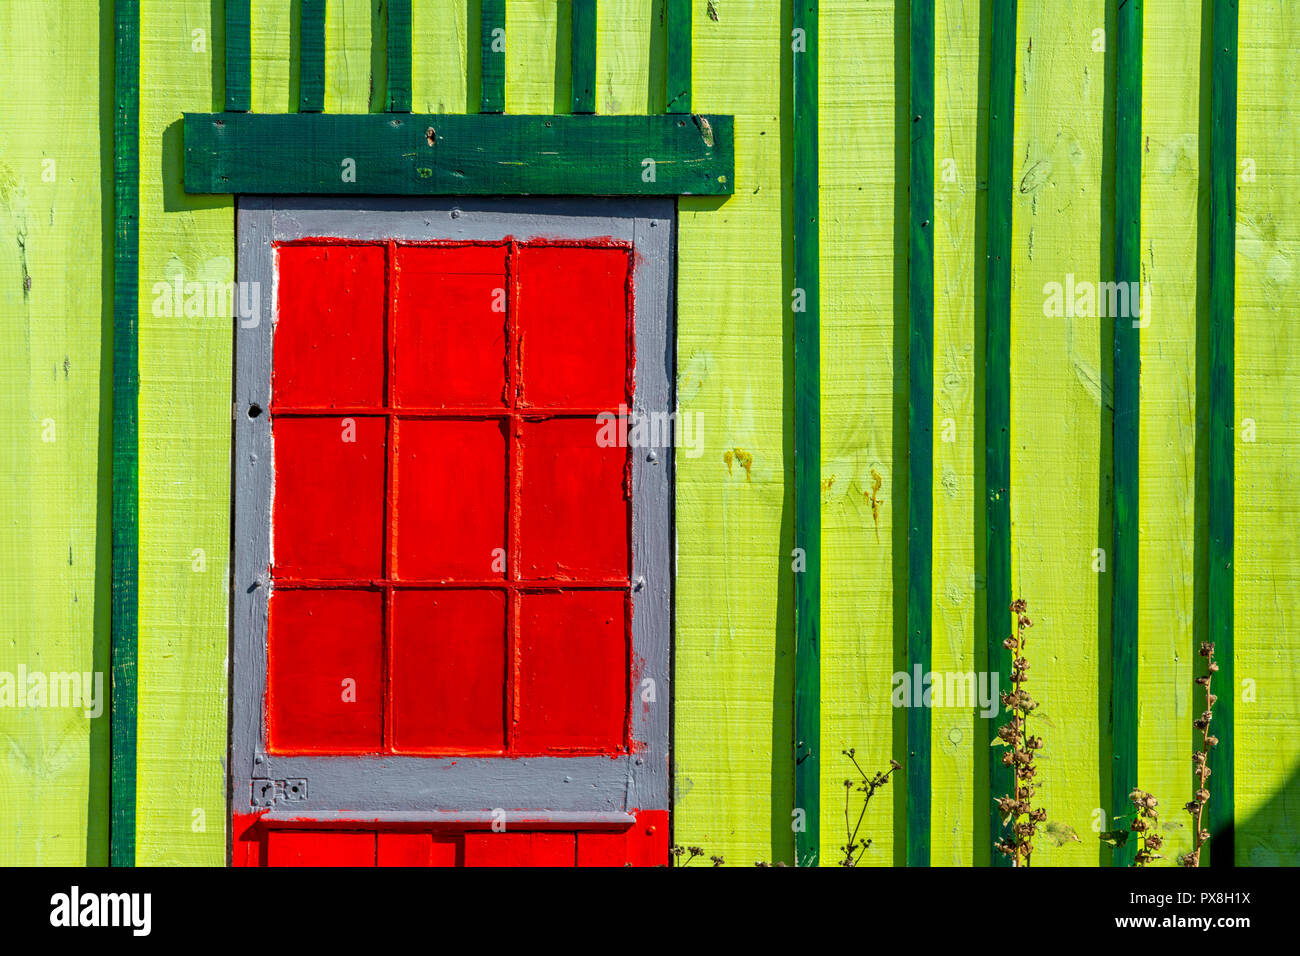 Die Auster Hütten von Saint-Trojan-les-Bains einige Galerien Künstler', Insel Oleron, Charente Maritime, Nouvelle-Aquitaine, Frankreich Stockbild